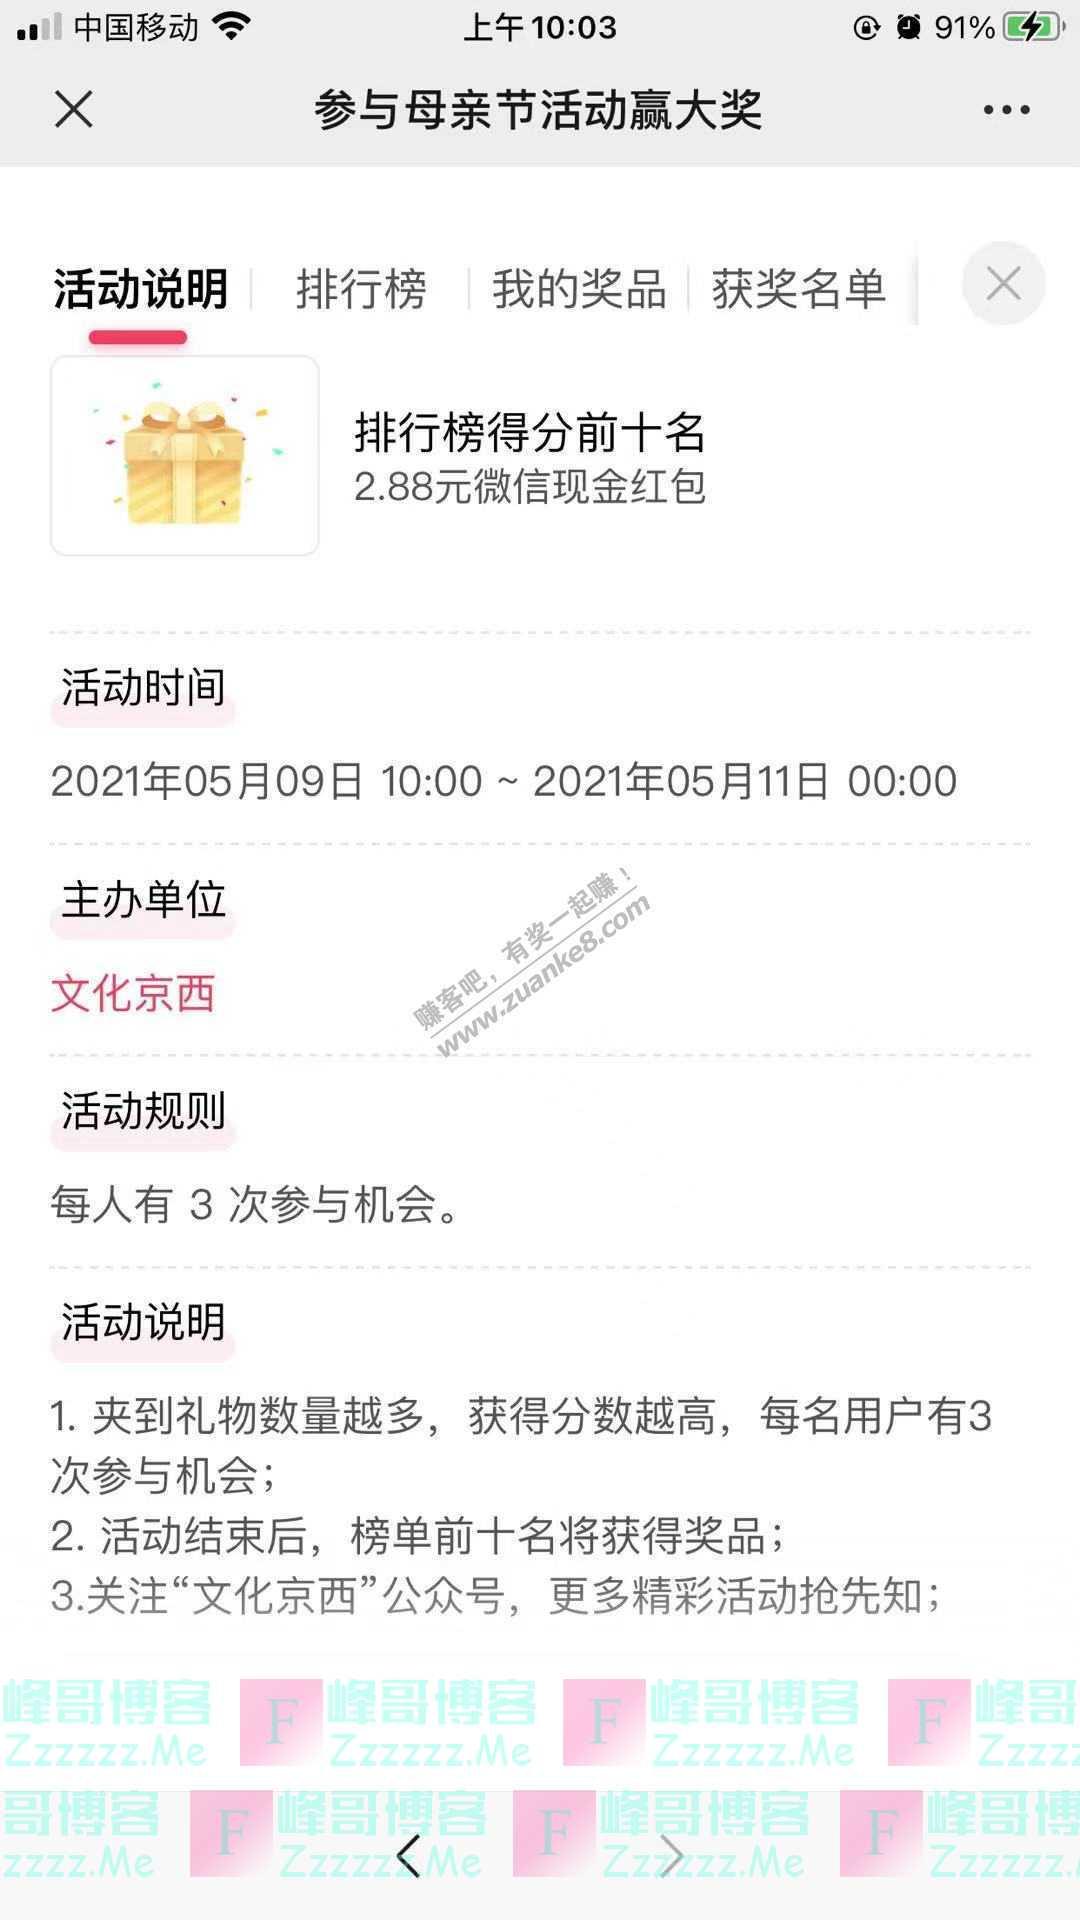 文化京西母亲节小游戏上线,祝妈妈们节日快乐(截止5月11日)